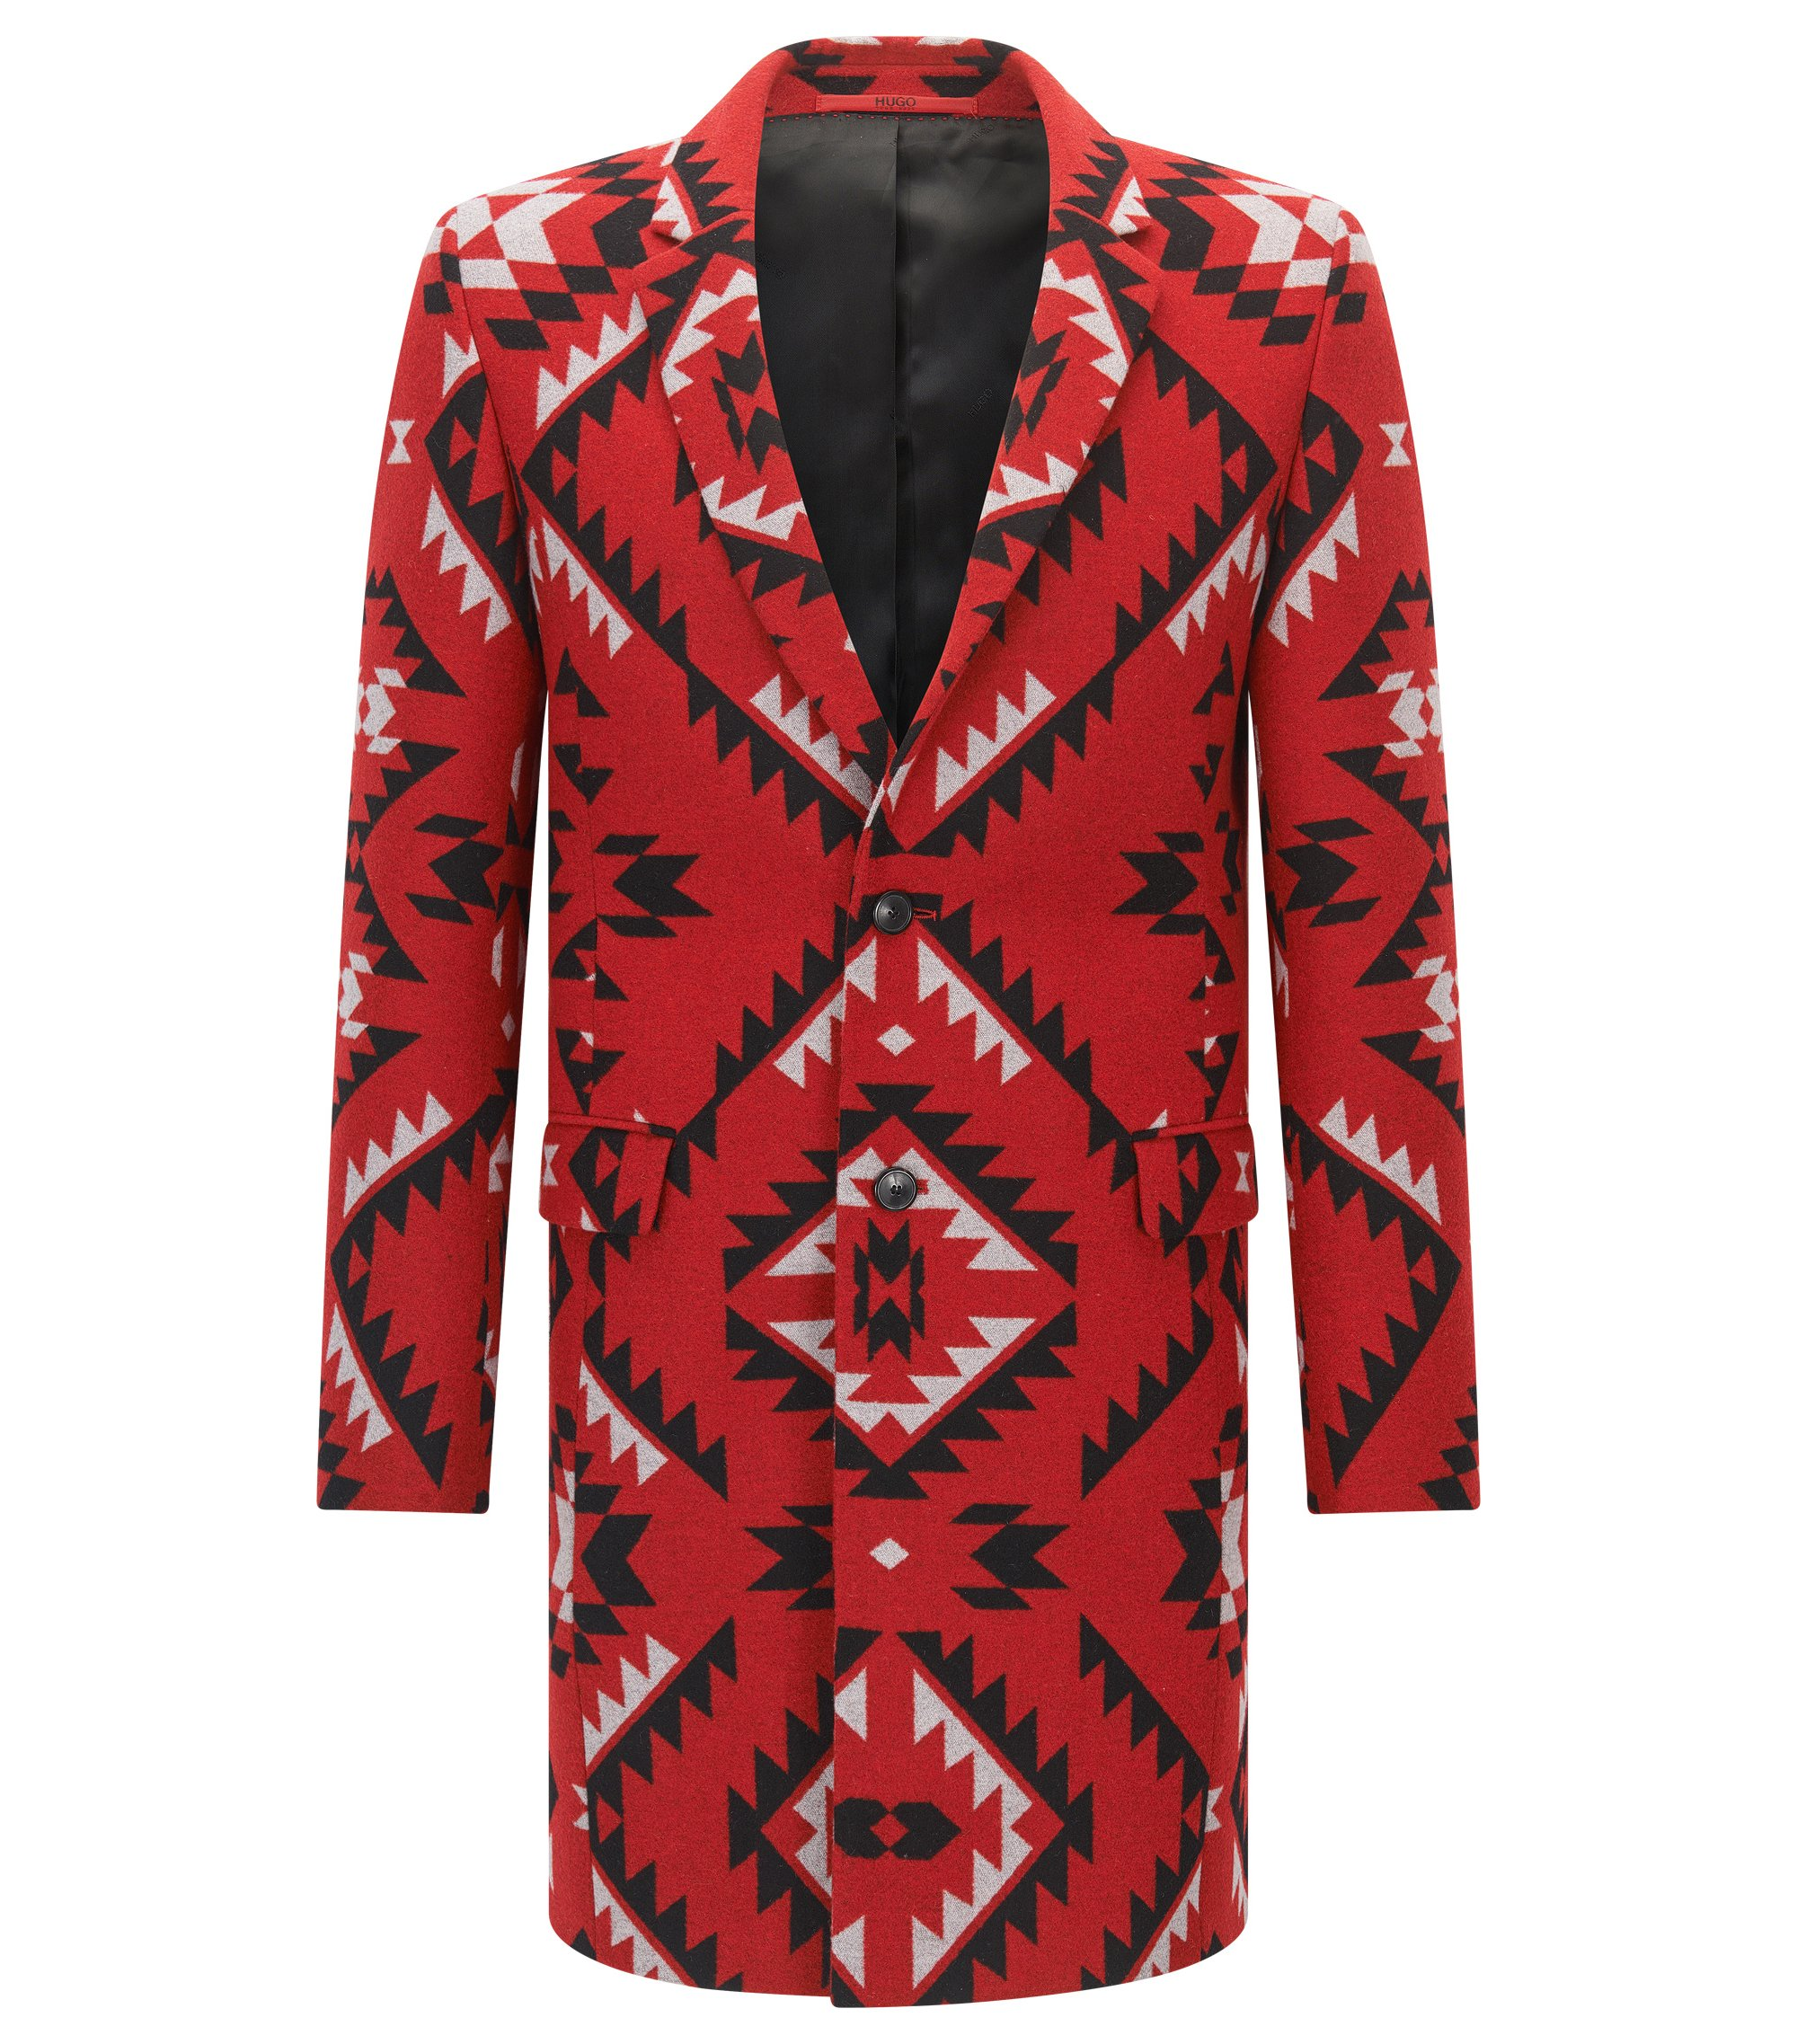 Veste Extra Slim Fit à motif, en laine mélangée, Rouge